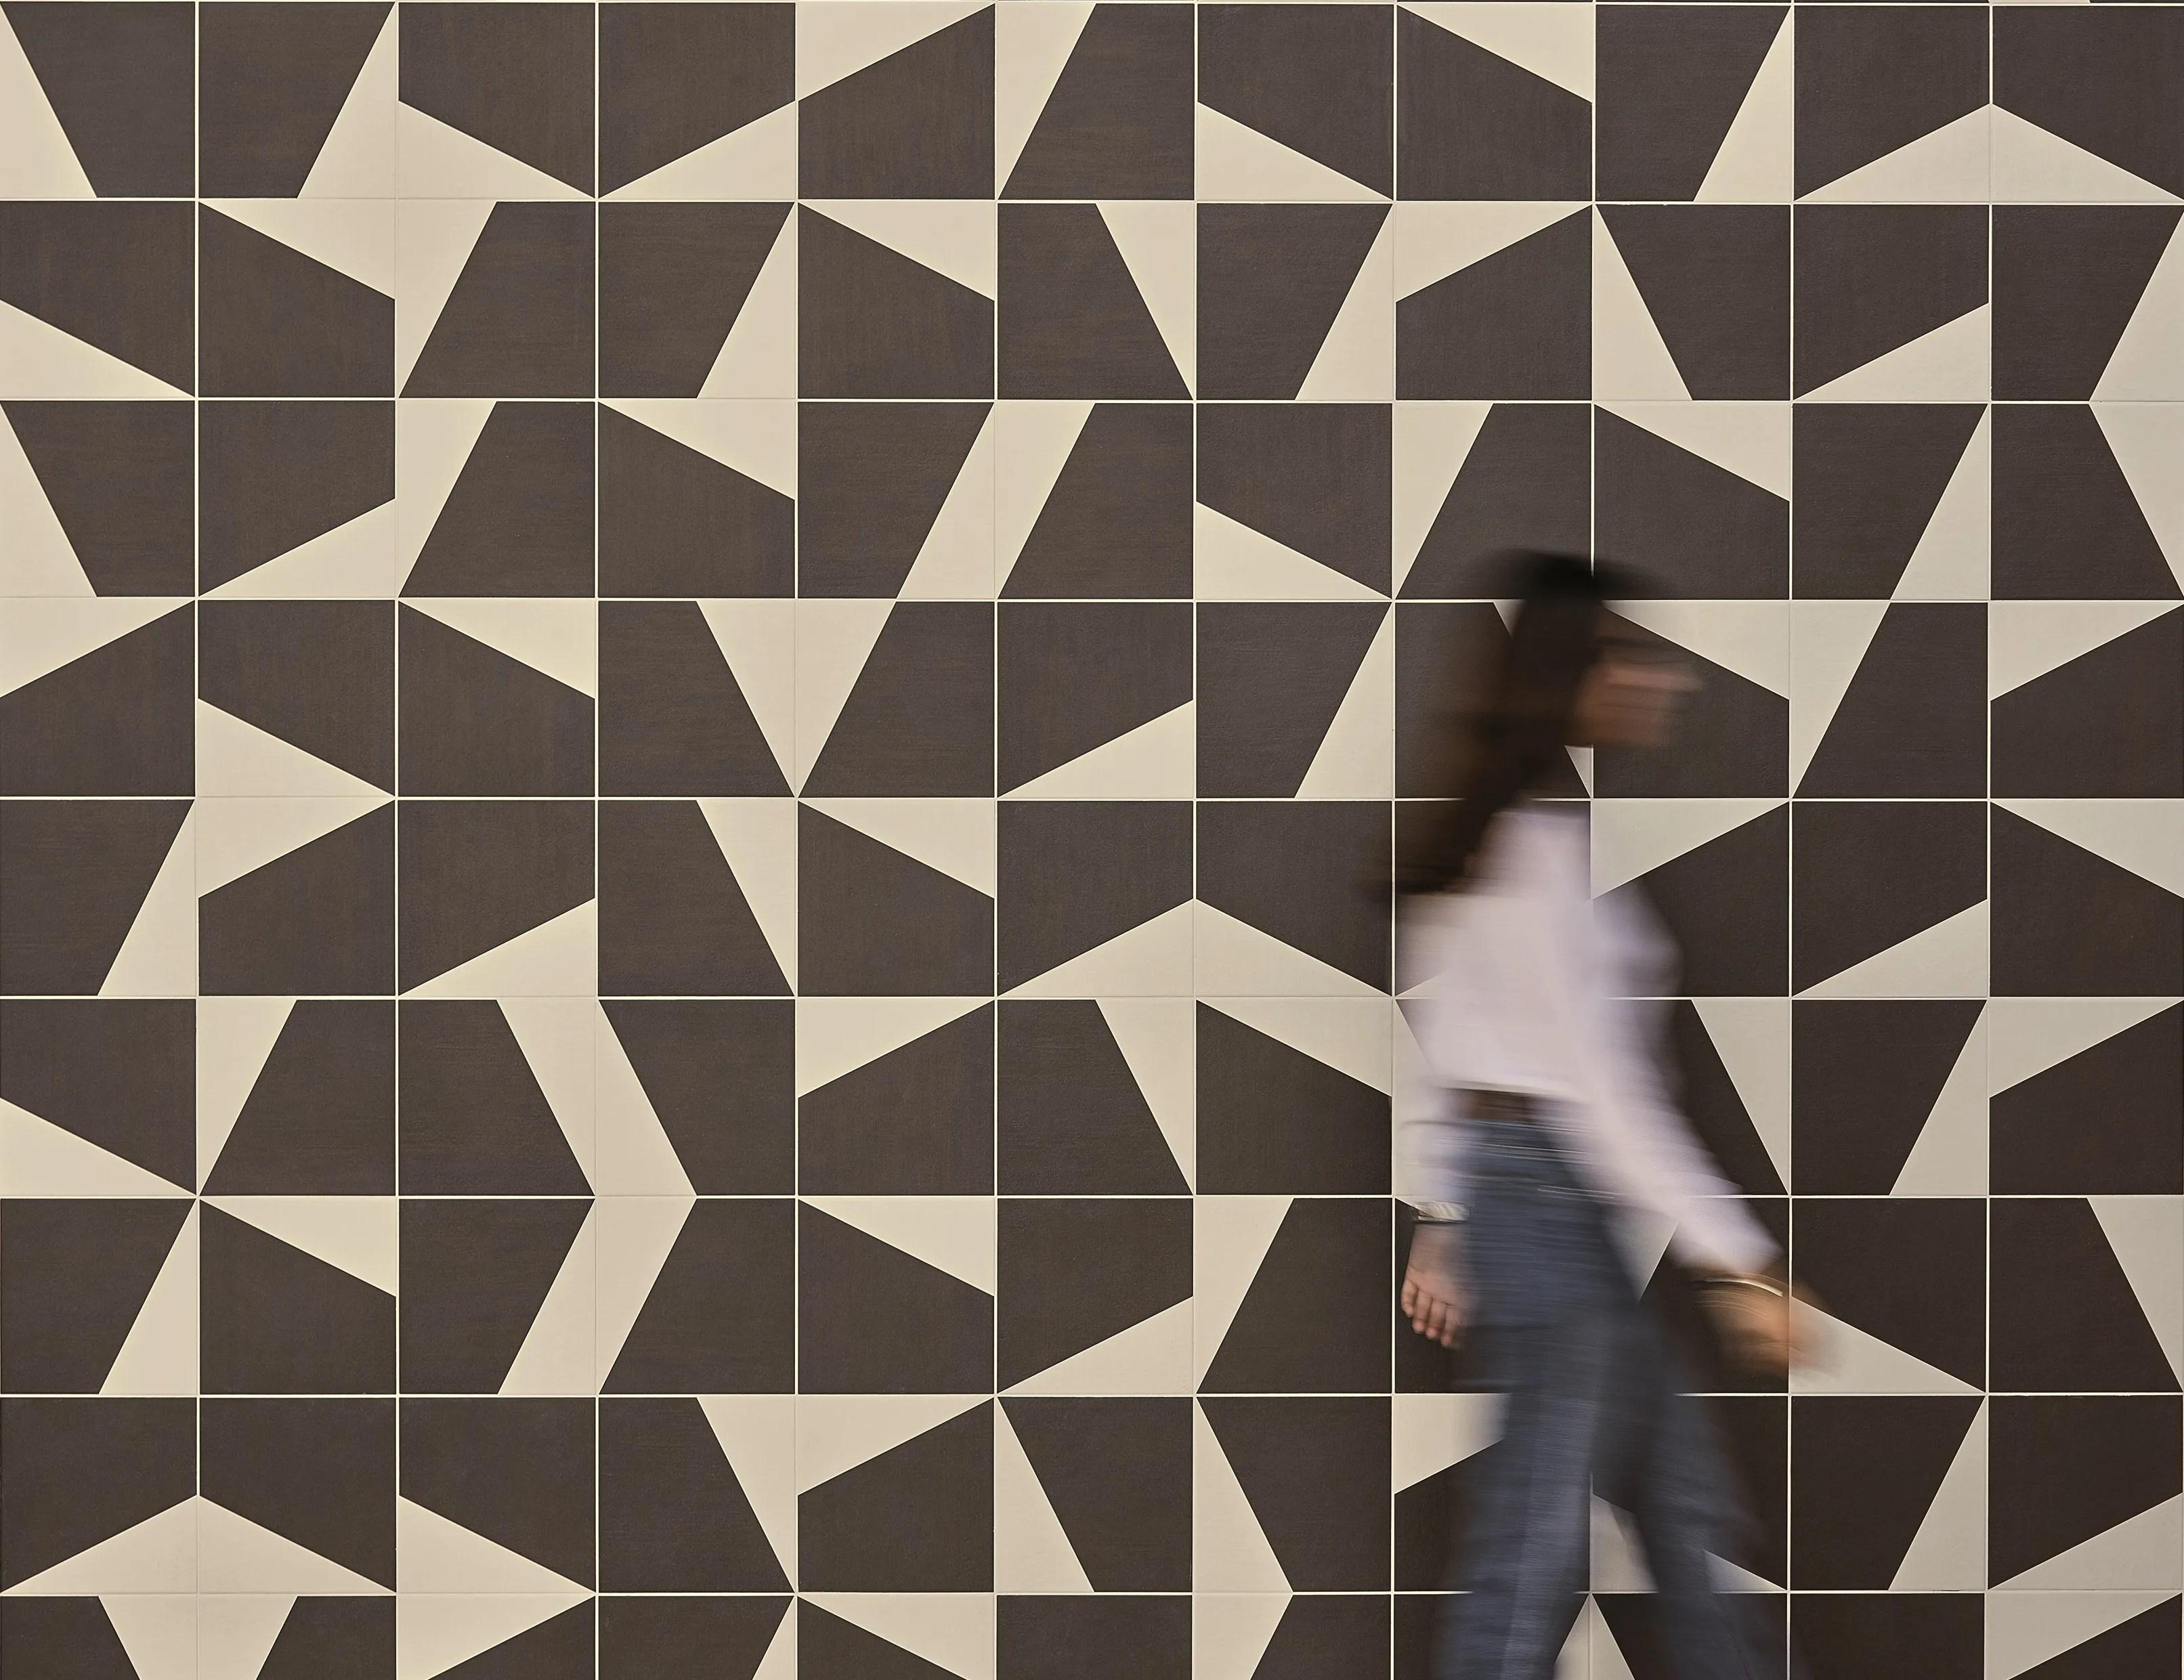 Pavimentorivestimento in gres porcellanato smaltato PUZZLE Collezione Puzzle by MUTINA design